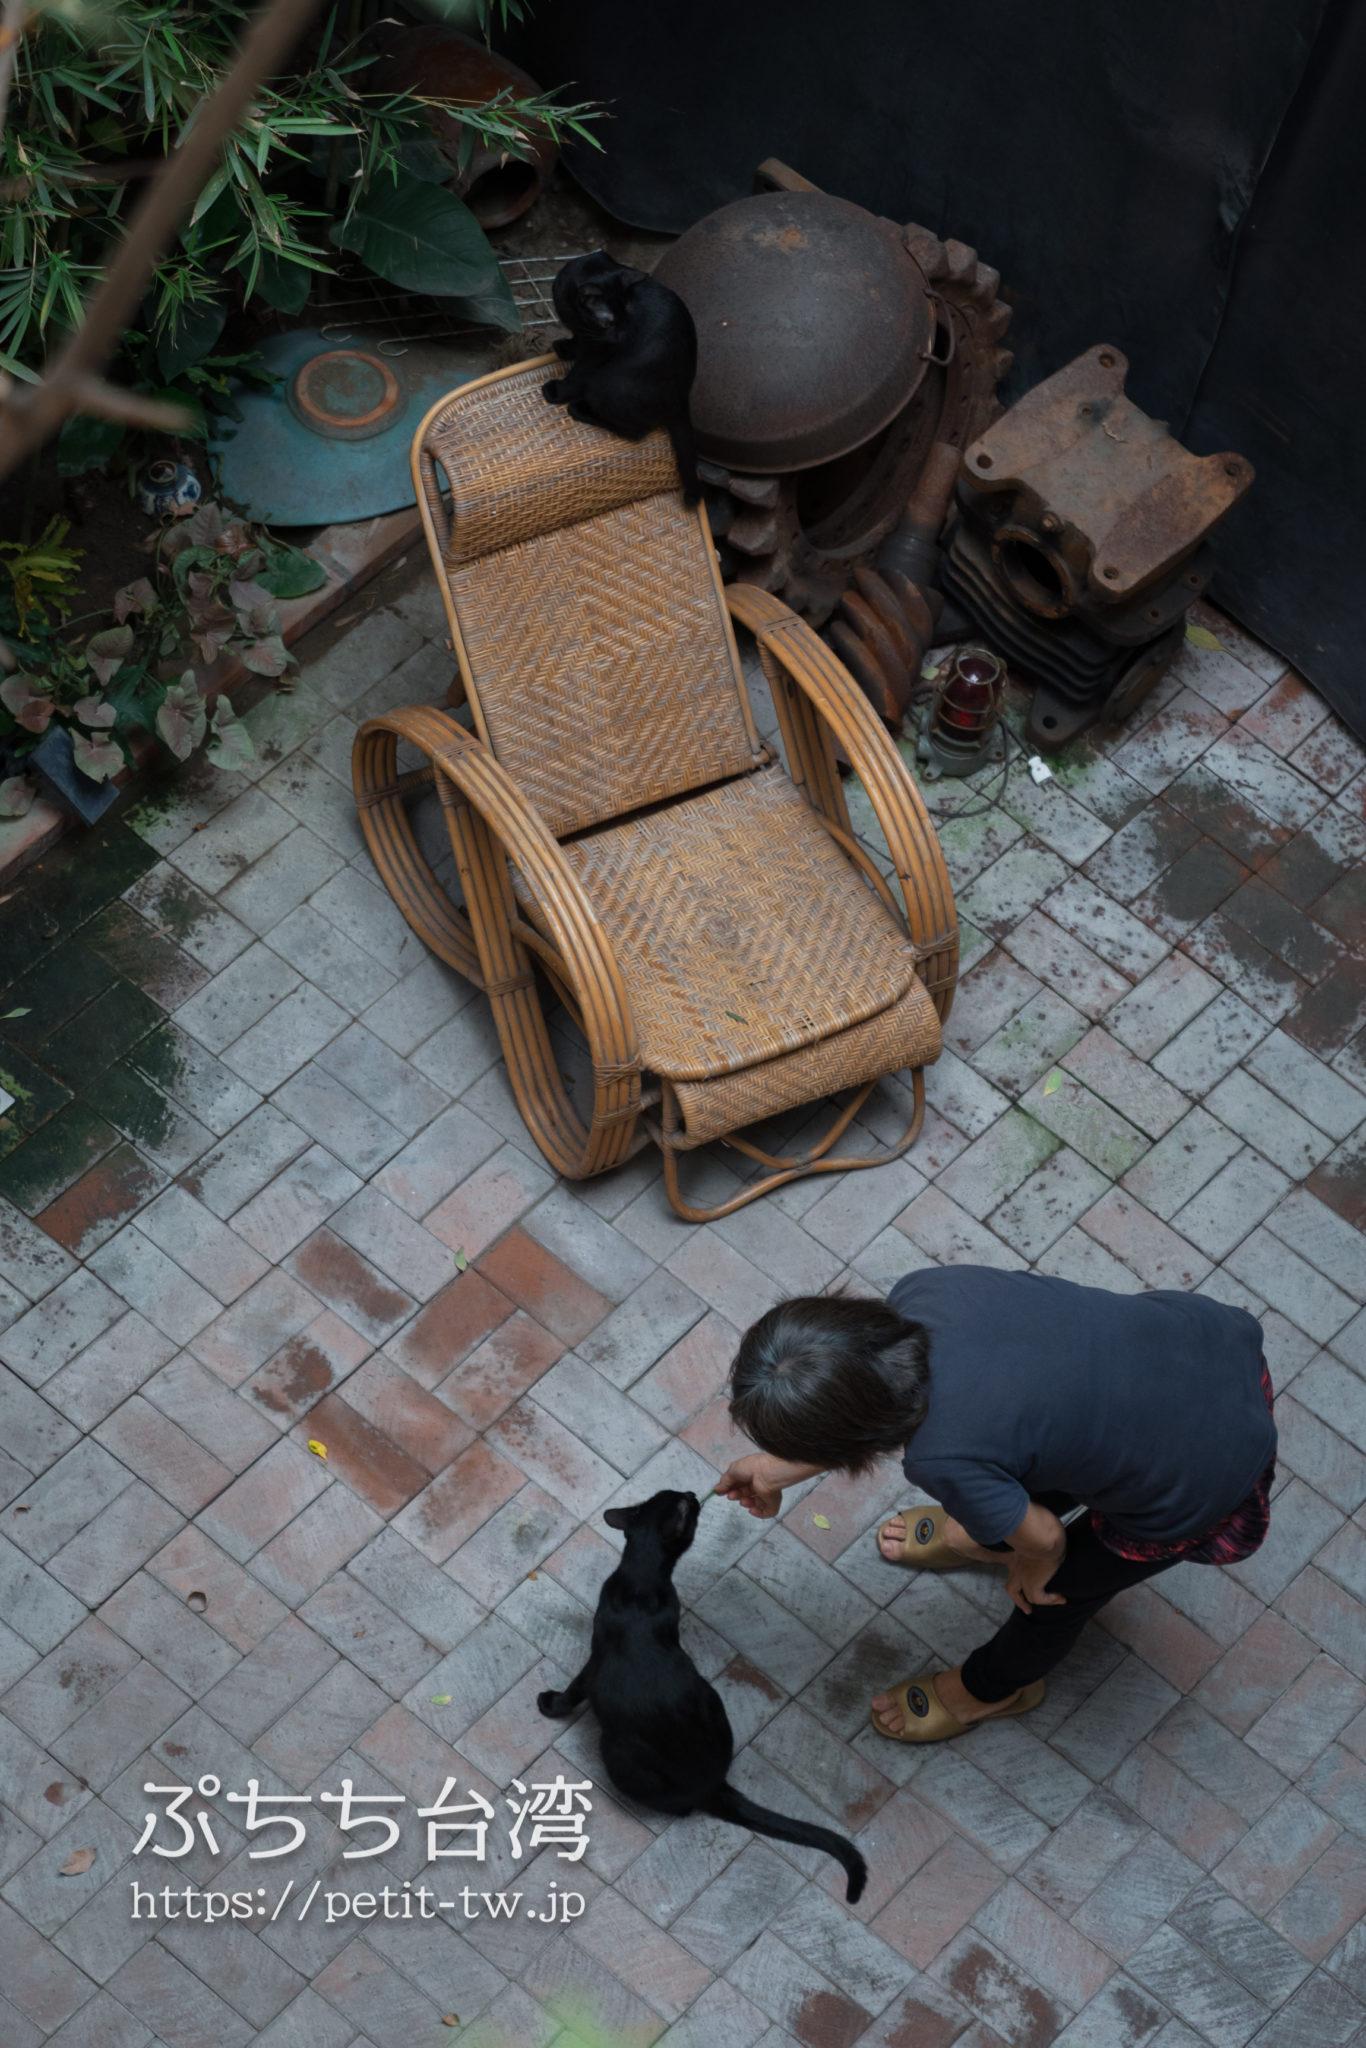 台南のアトリウムの猫 APとオイル